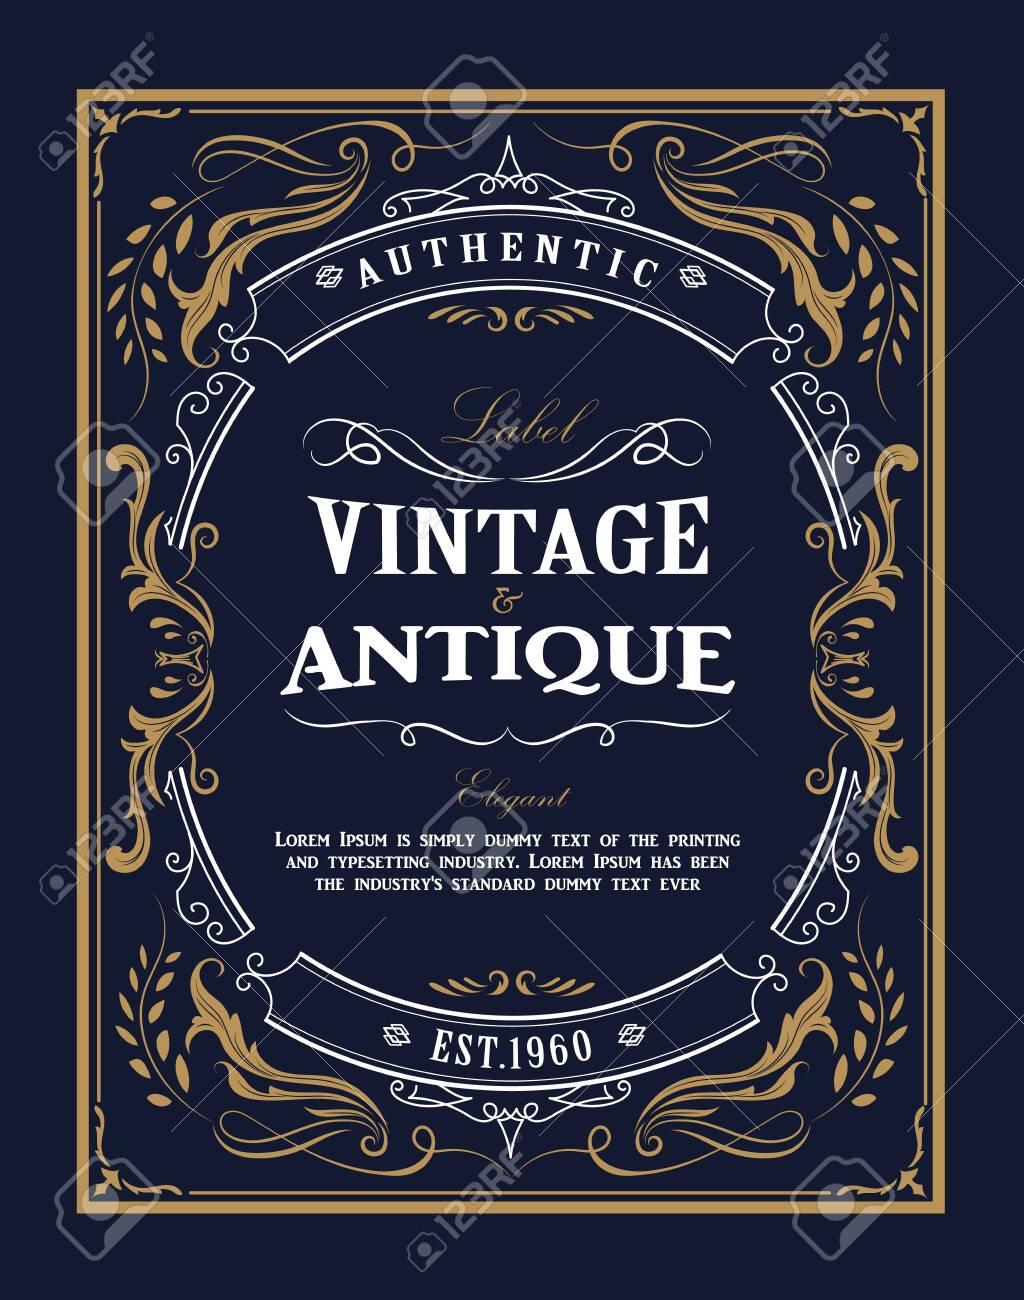 Hand drawn frame Western vintage label Antique banner flourishes design vector illustration - 143174070